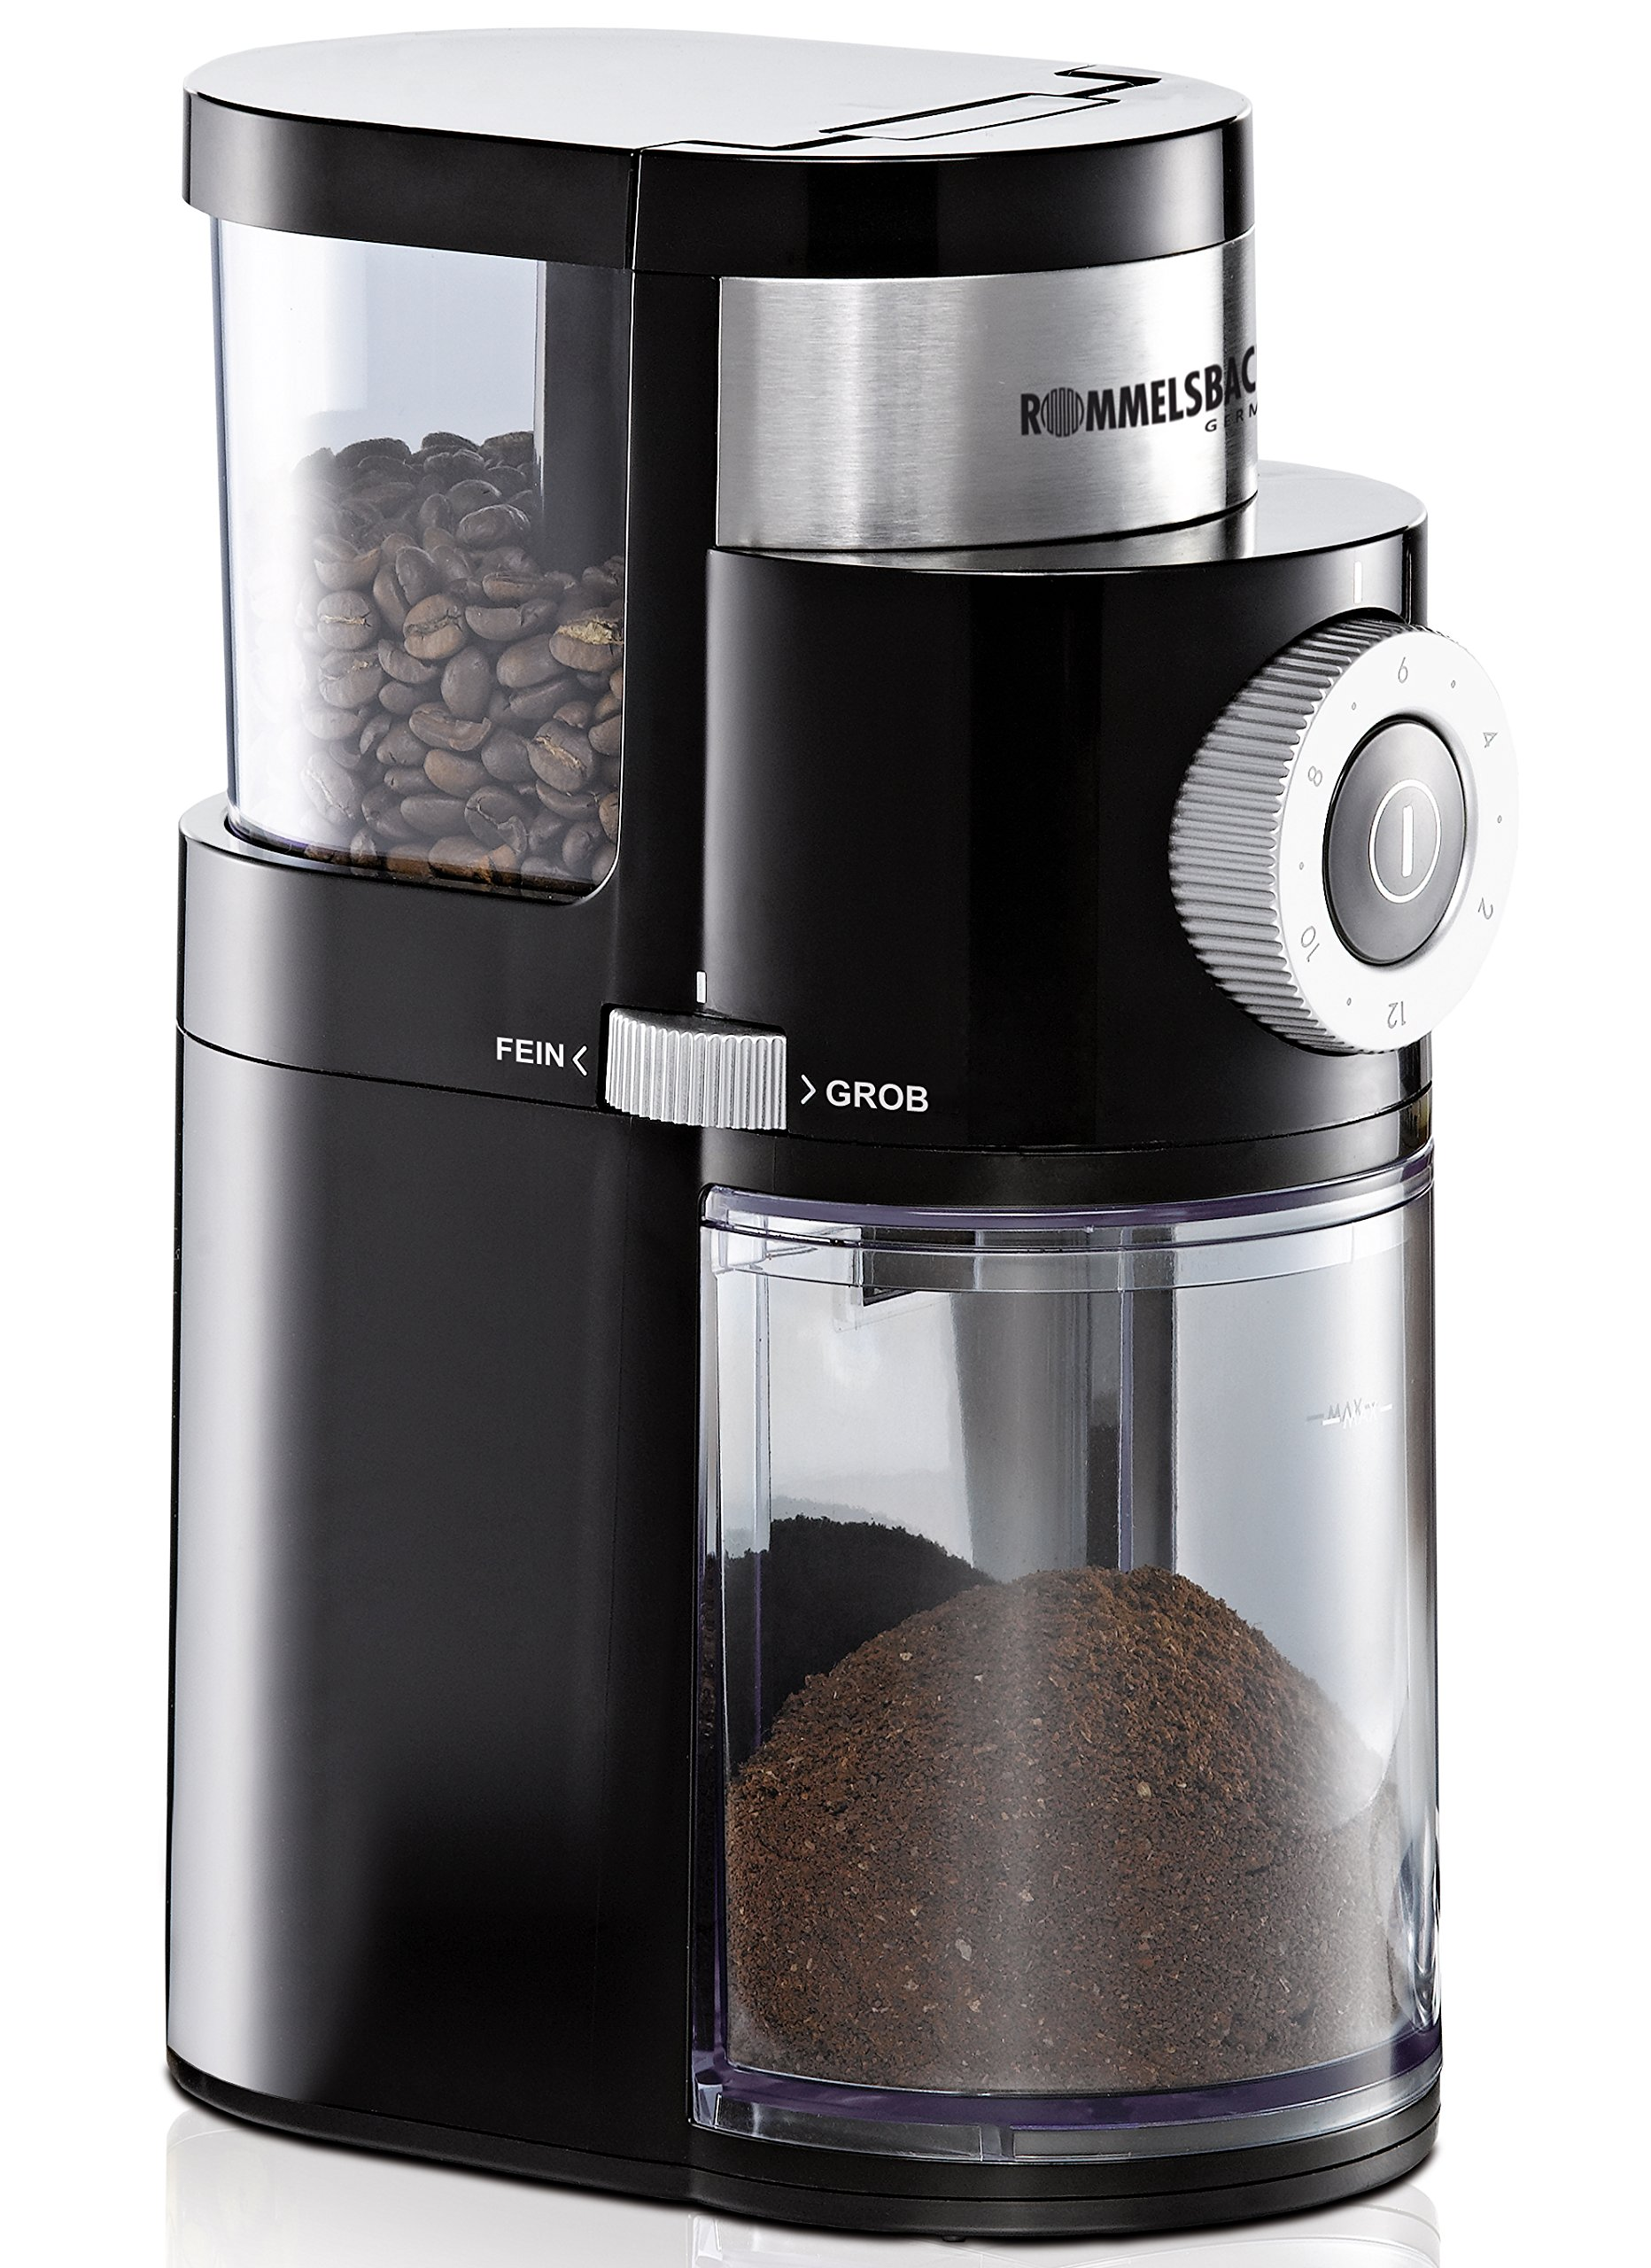 ROMMELSBACHER Kaffeemühle EKM 200 – aromaschonendes Scheibenmahlwerk, Mahlgrad einstellbar von grob bis extra fein, 2-12…